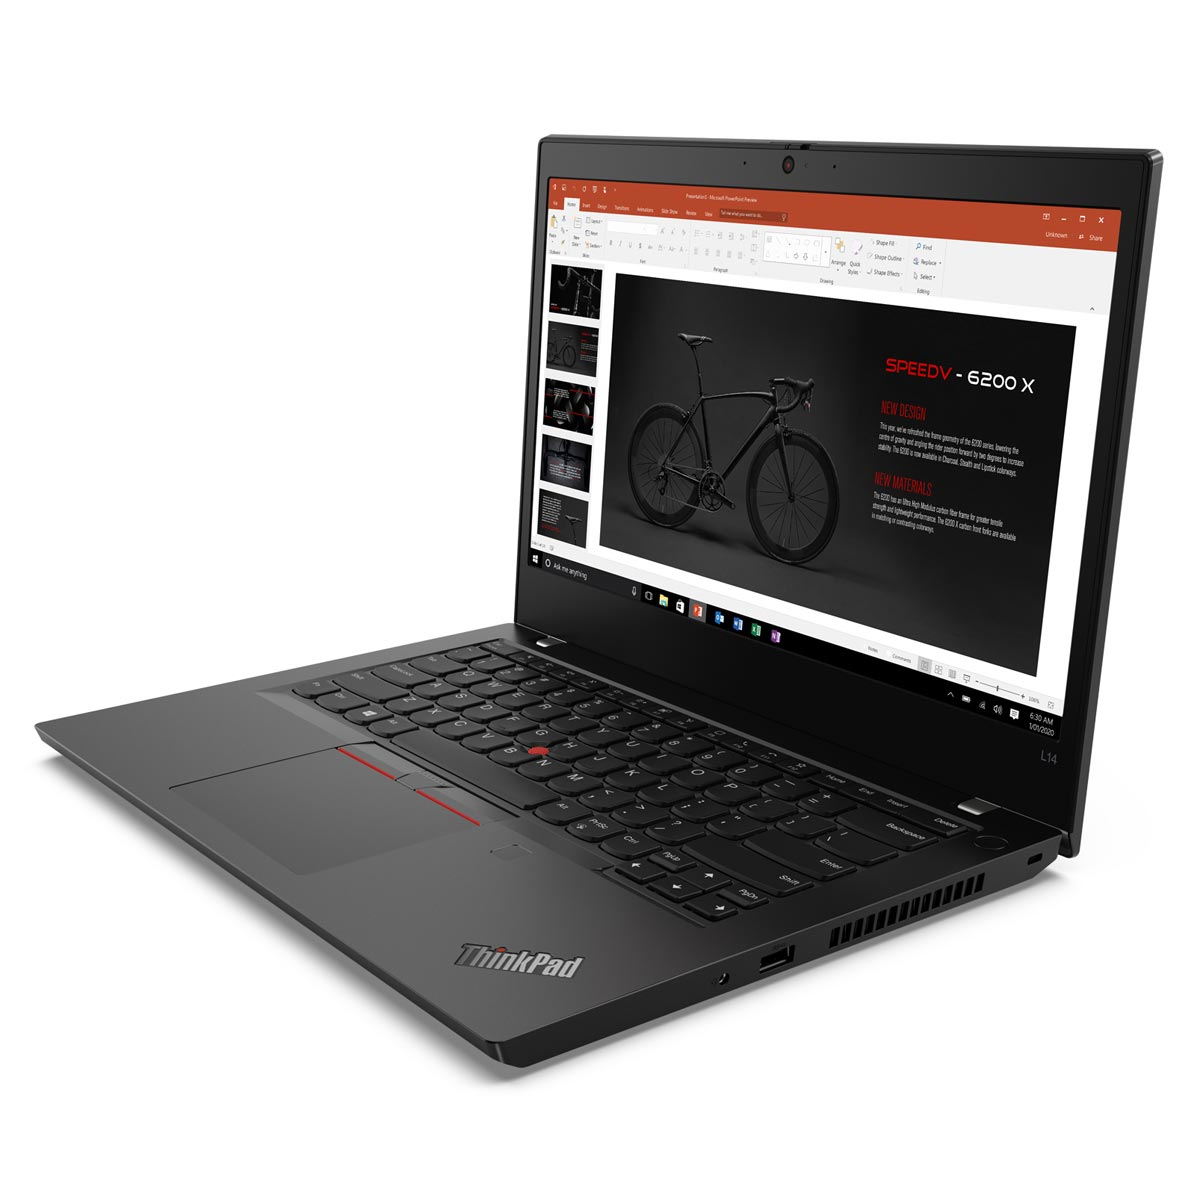 レノボ、テレワークに適した新型「ThinkPad」16シリーズを一挙発表!